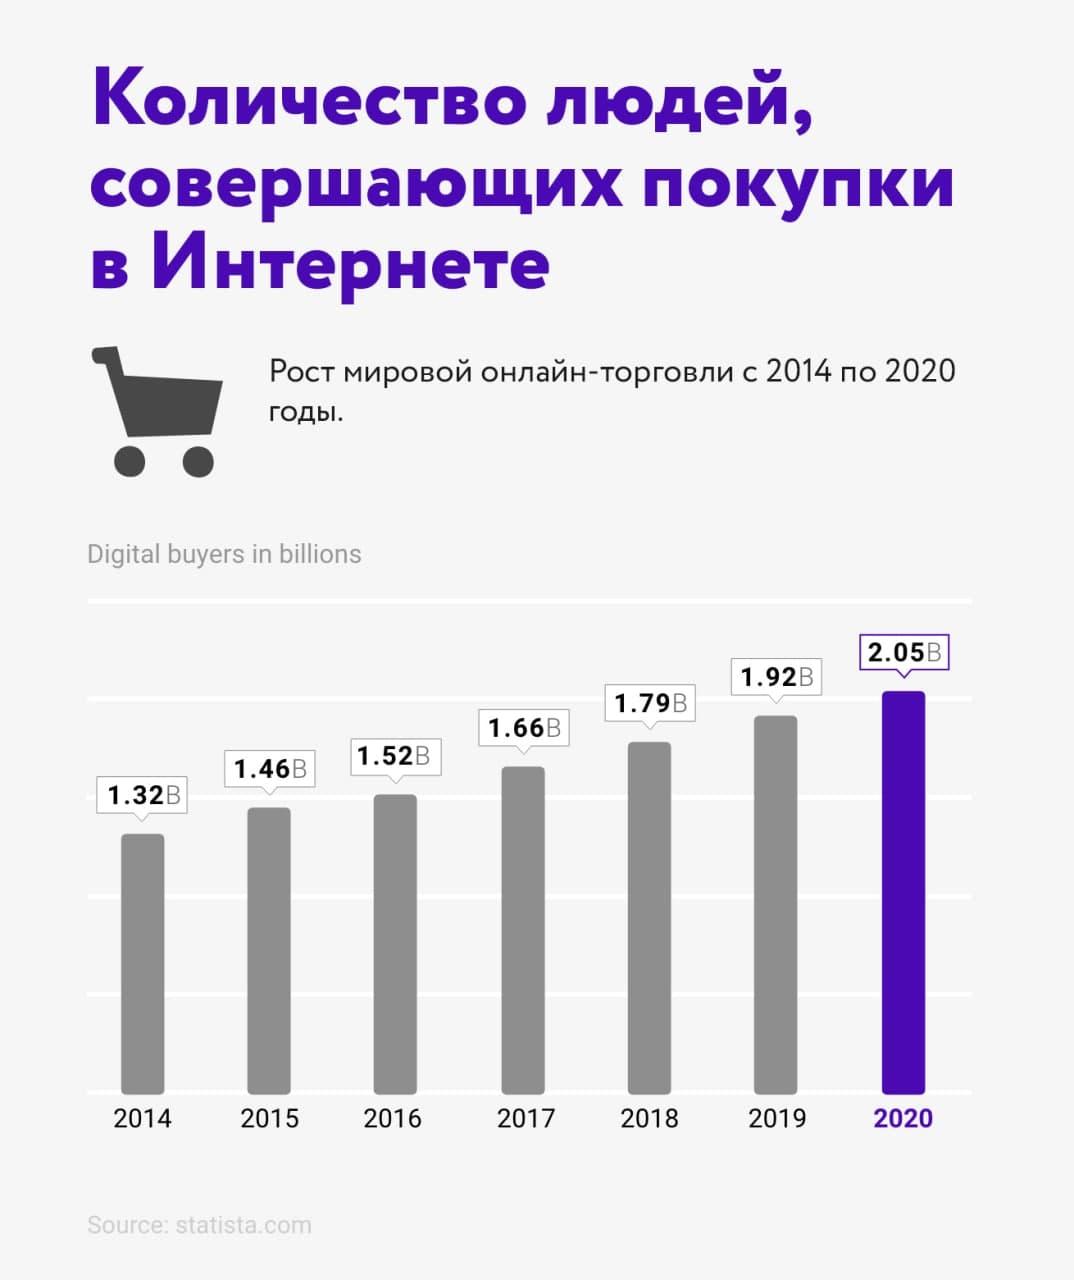 Интернет-статистика–2020: факты и цифры, которые нужно знать